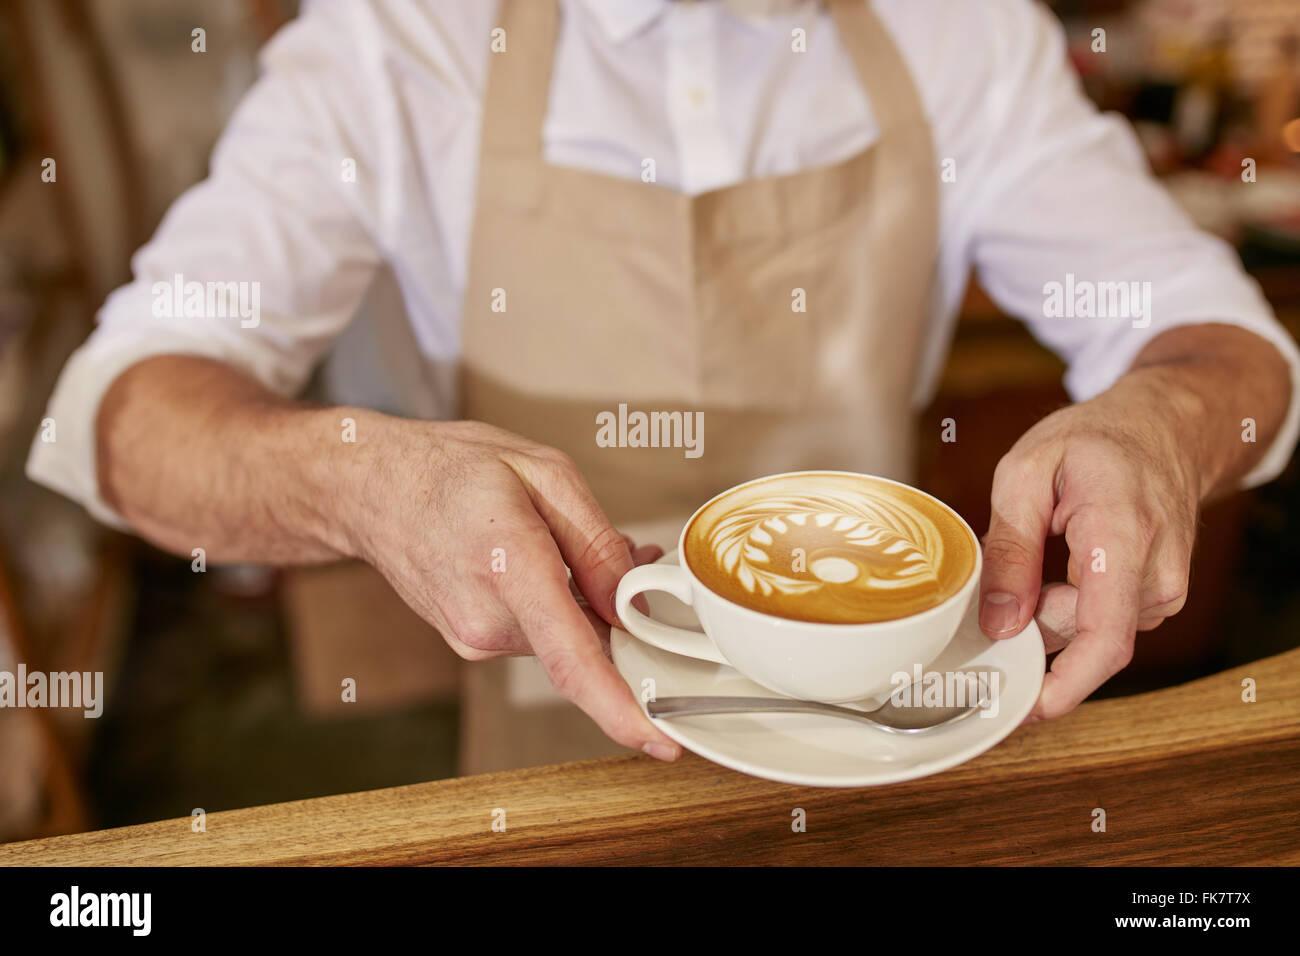 Cerca del hombre en el delantal sirviendo café mientras está de pie en la cafetería. Barista ofreciéndole Imagen De Stock